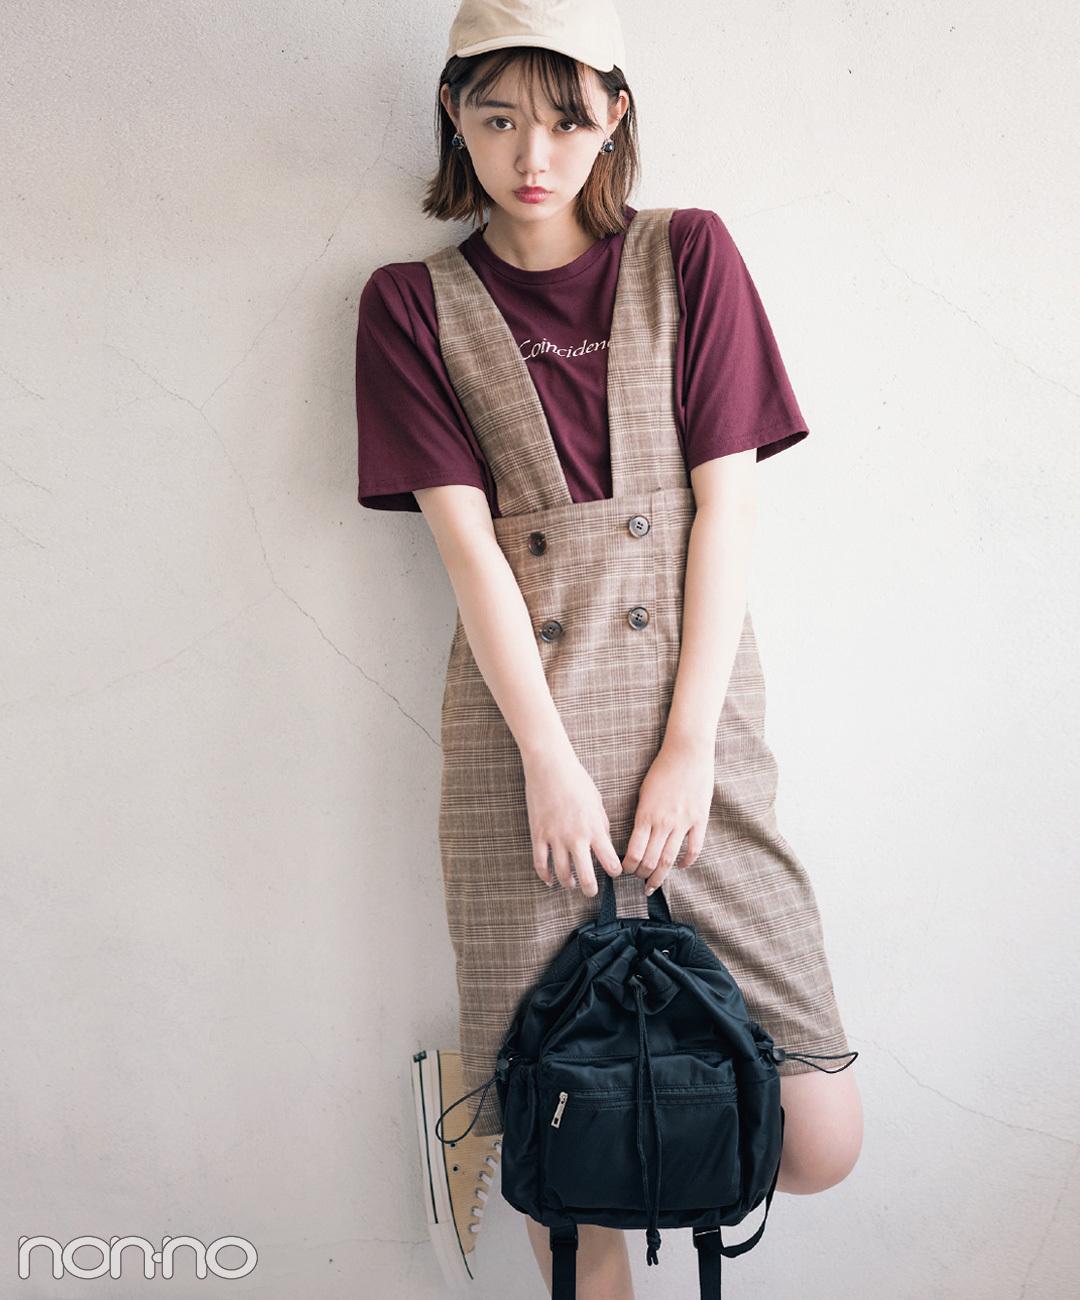 【イエロースニーカーコーデ】江野沢愛美は、ロゴT&スポ小物でおちゃめに楽しむ